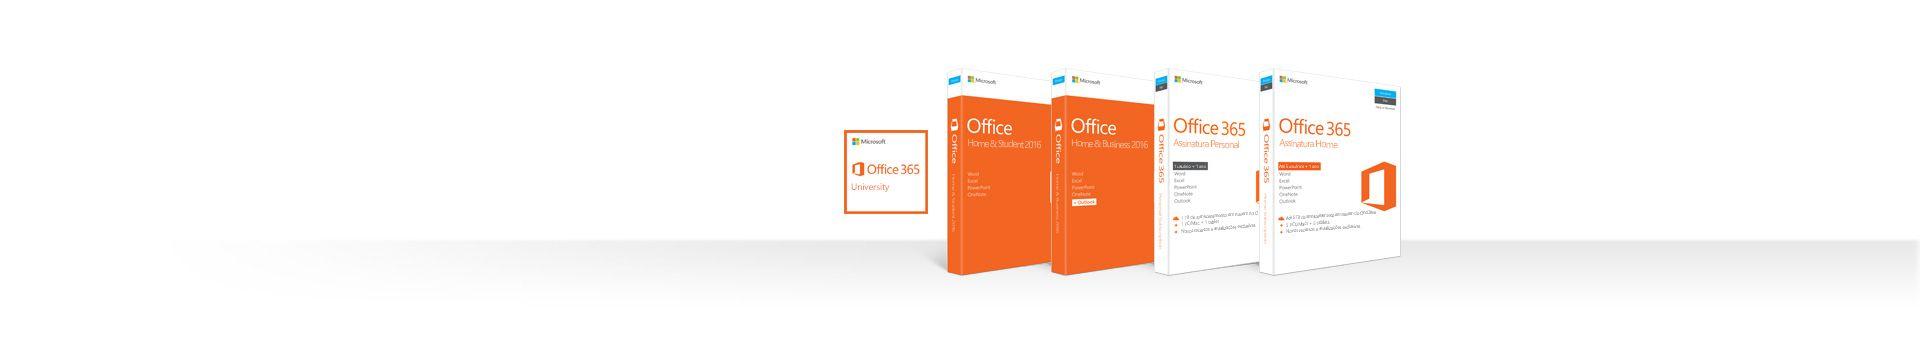 Fileira de caixas representando a assinatura do Office e os produtos independentes para Mac